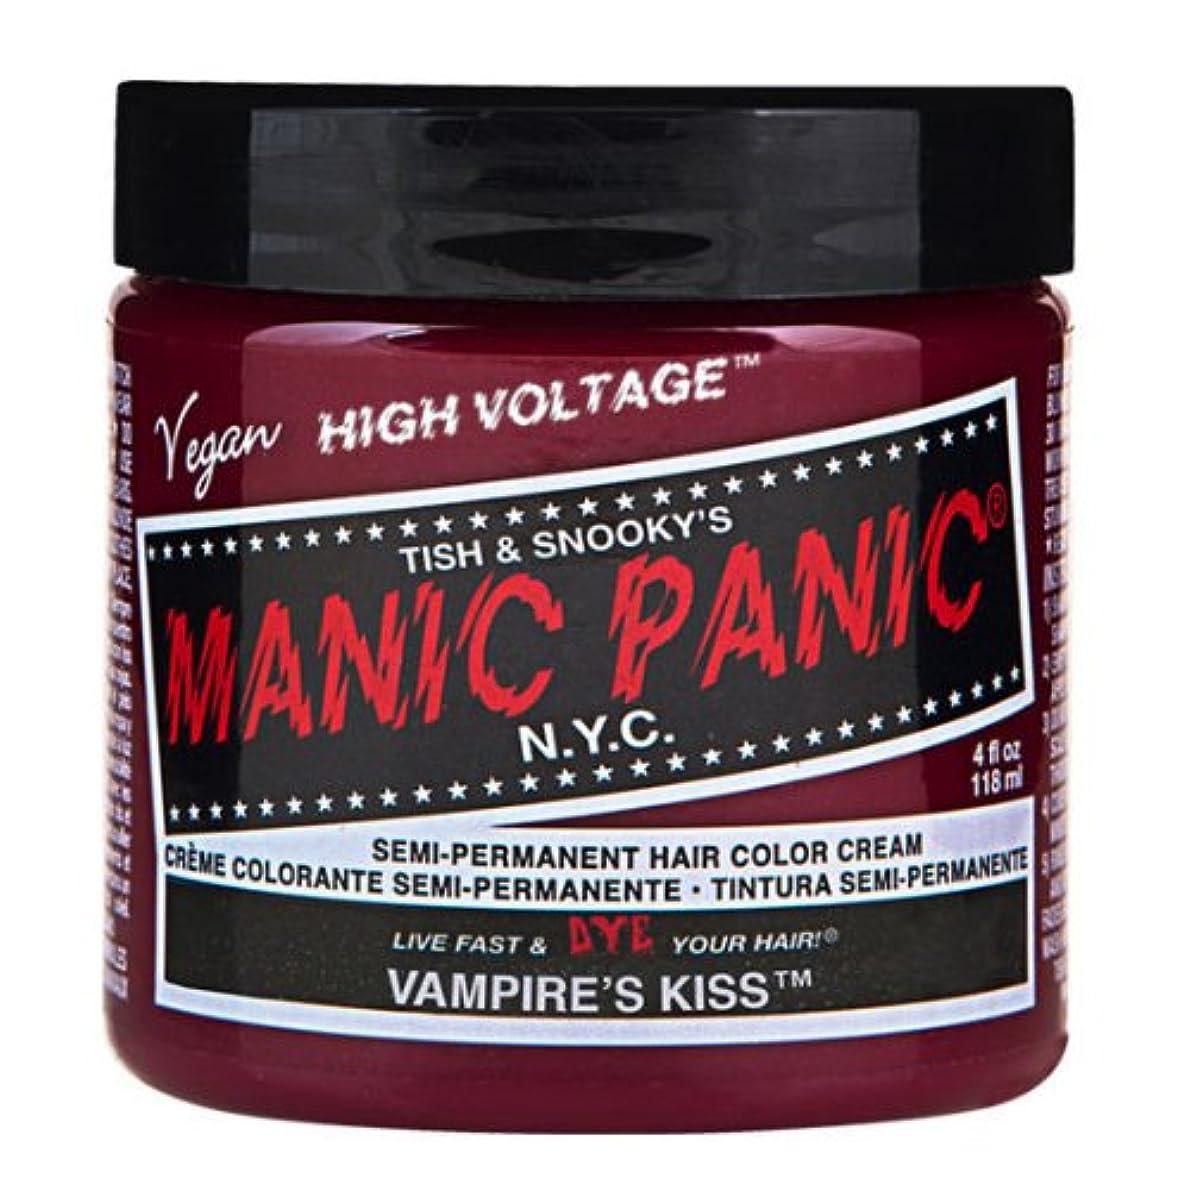 平衡モートオーチャードマニックパニック カラークリーム ヴァンパイアキッス